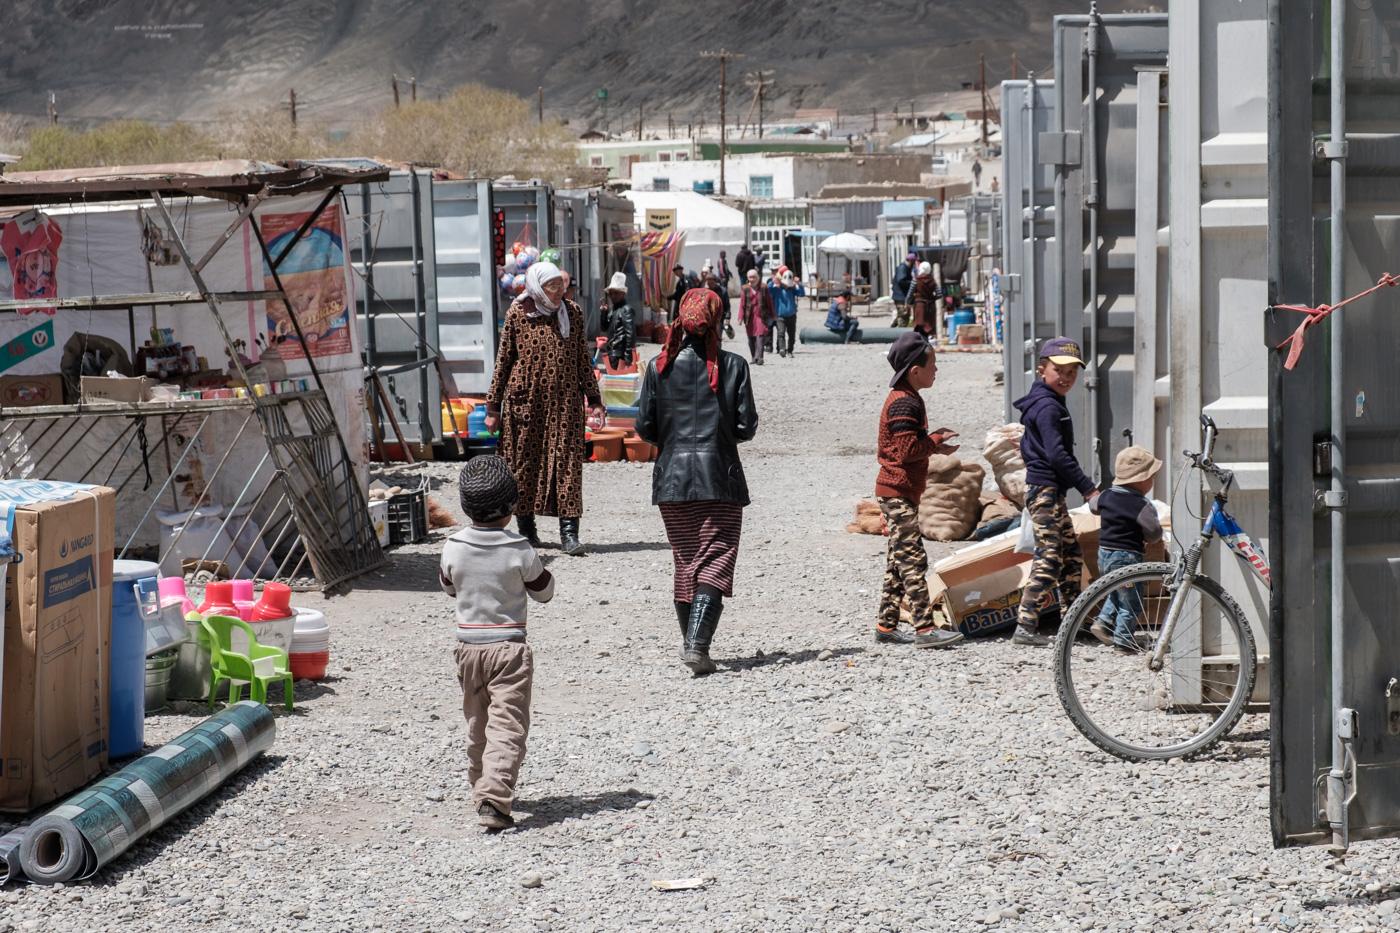 Der Containermarkt in Murgab.